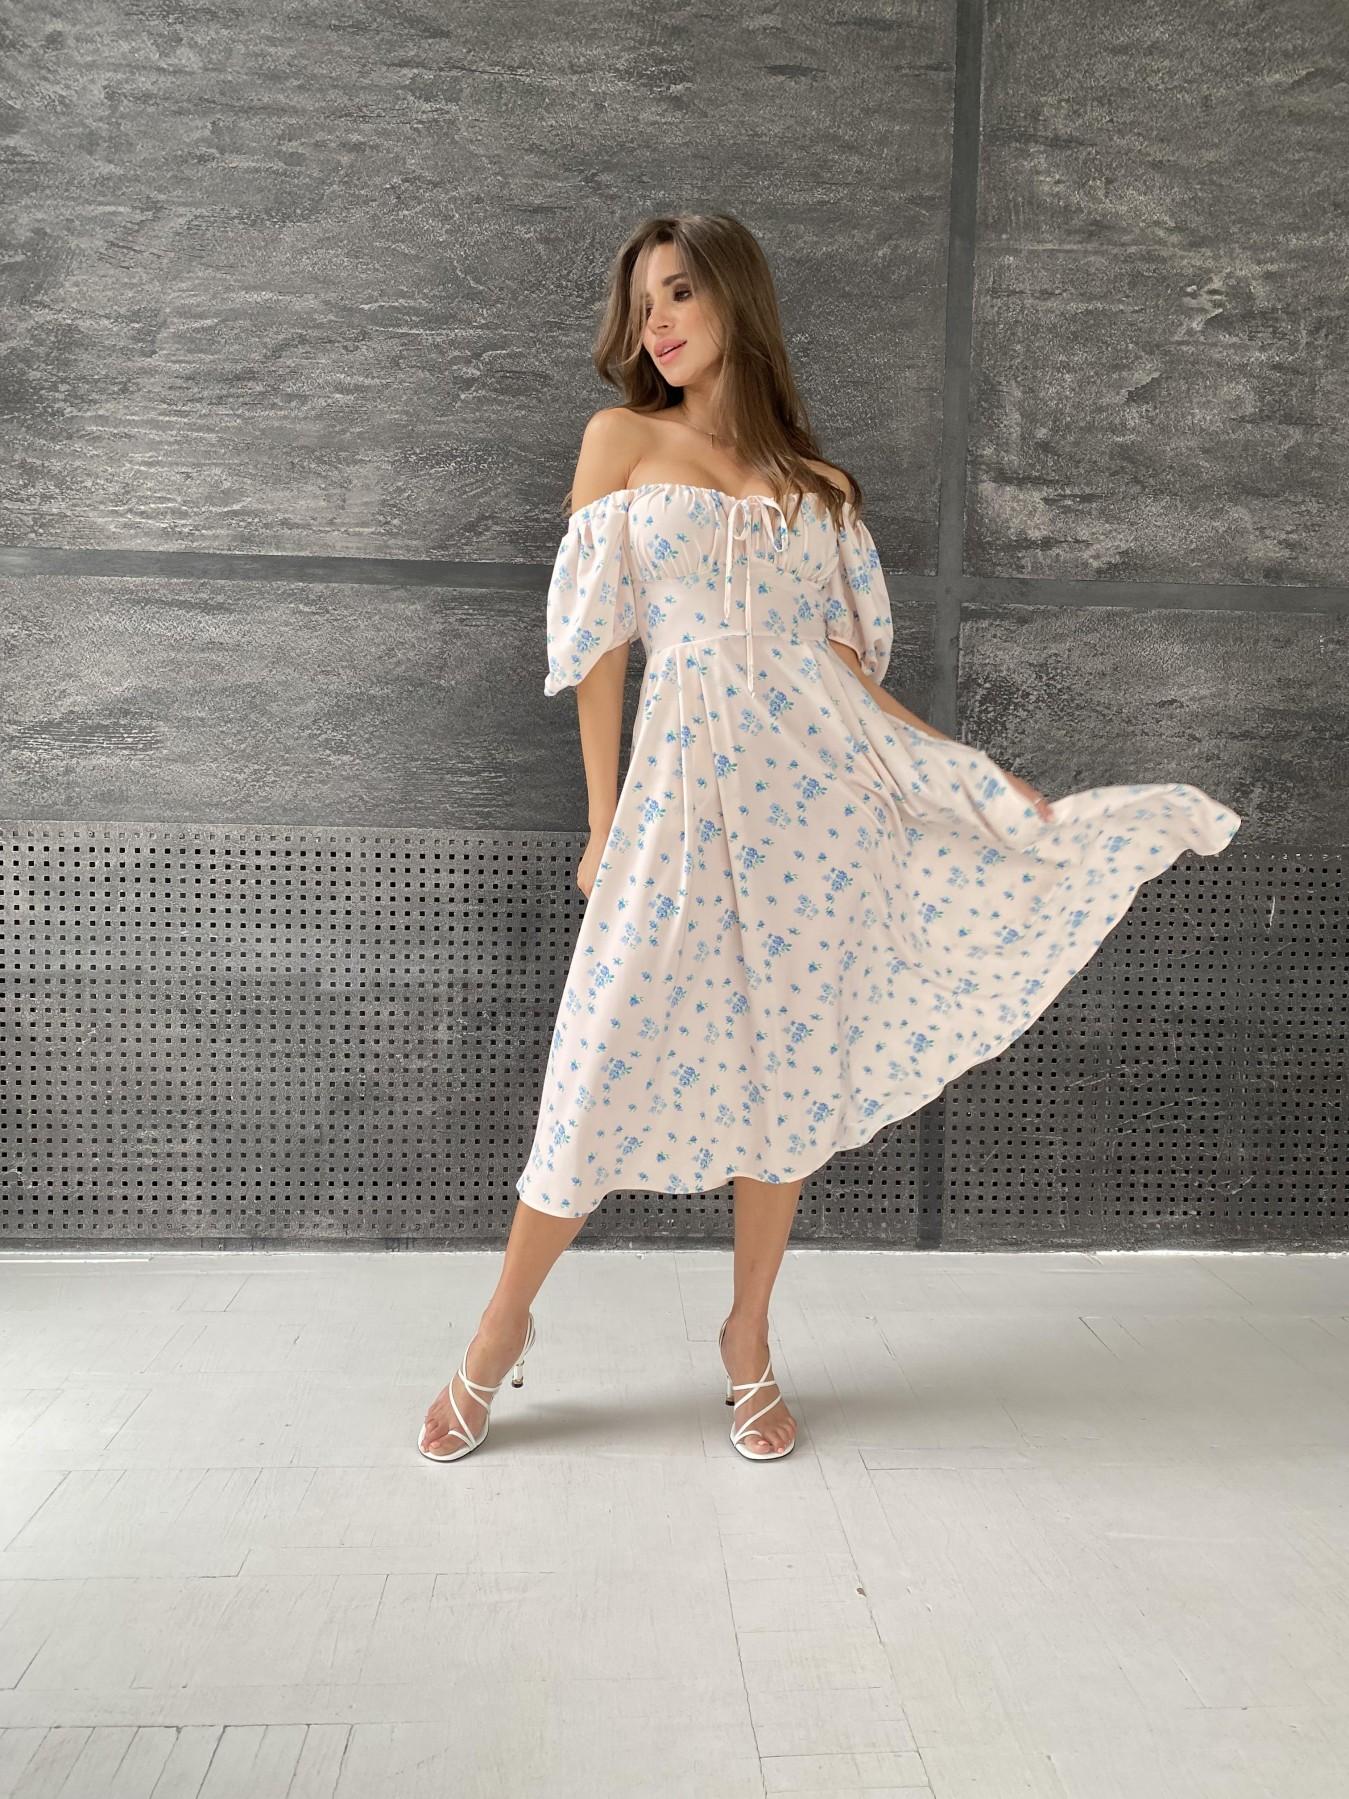 Кисес Миди платье из софт ткани в принт 11348 АРТ. 48187 Цвет: Пудра/голубойЦветыНаВетке - фото 2, интернет магазин tm-modus.ru